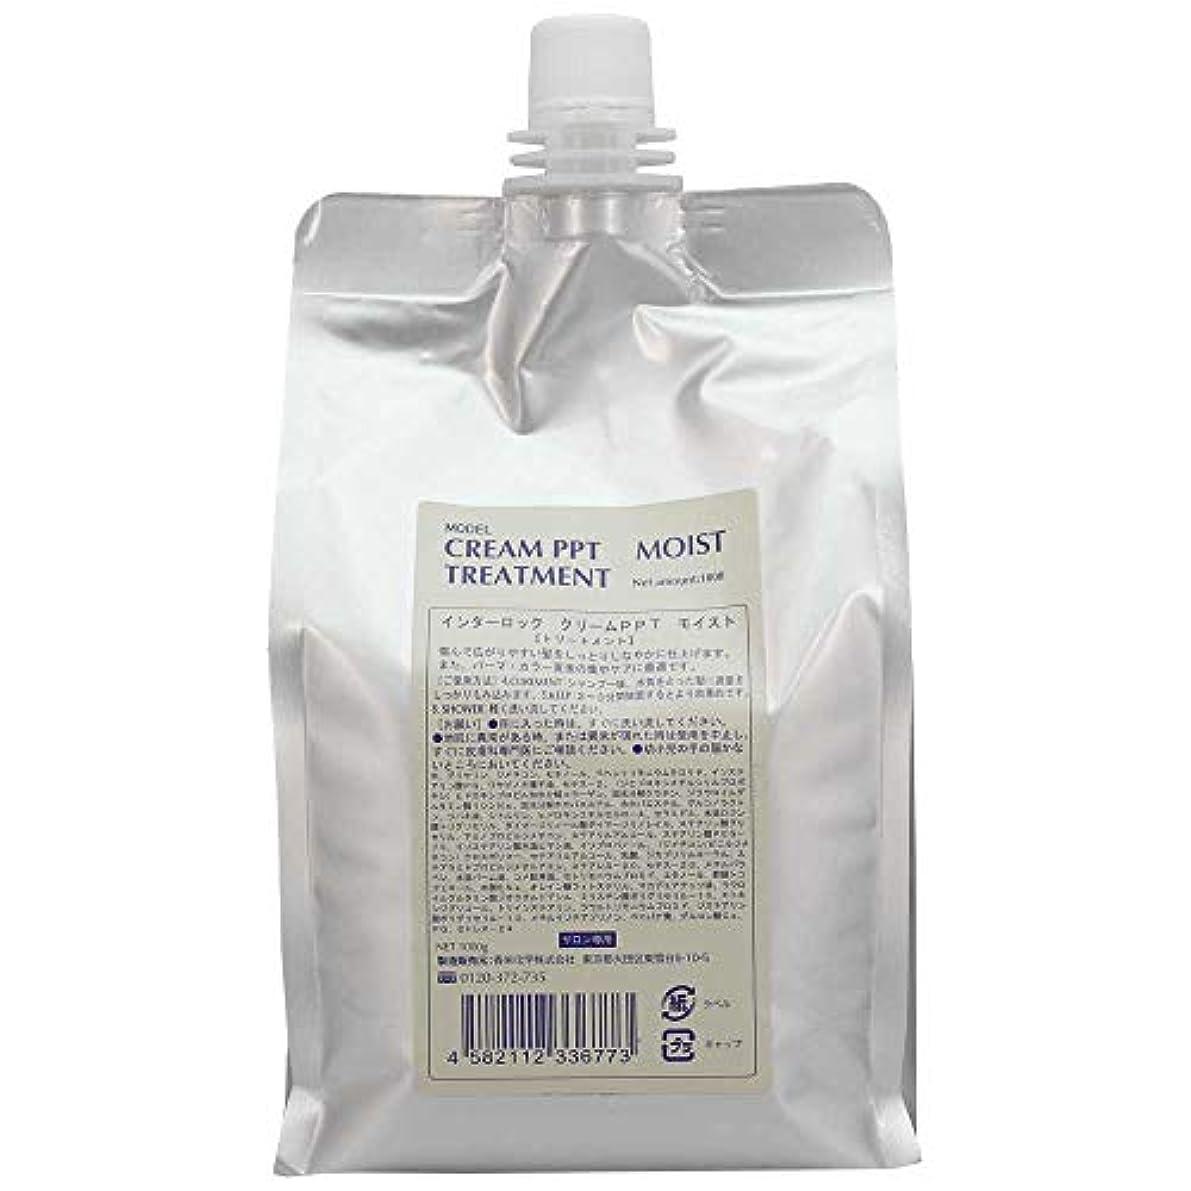 メイト重くする最少香栄化学 クリームPPTモイスト 1000g 詰め替え (トリートメント)